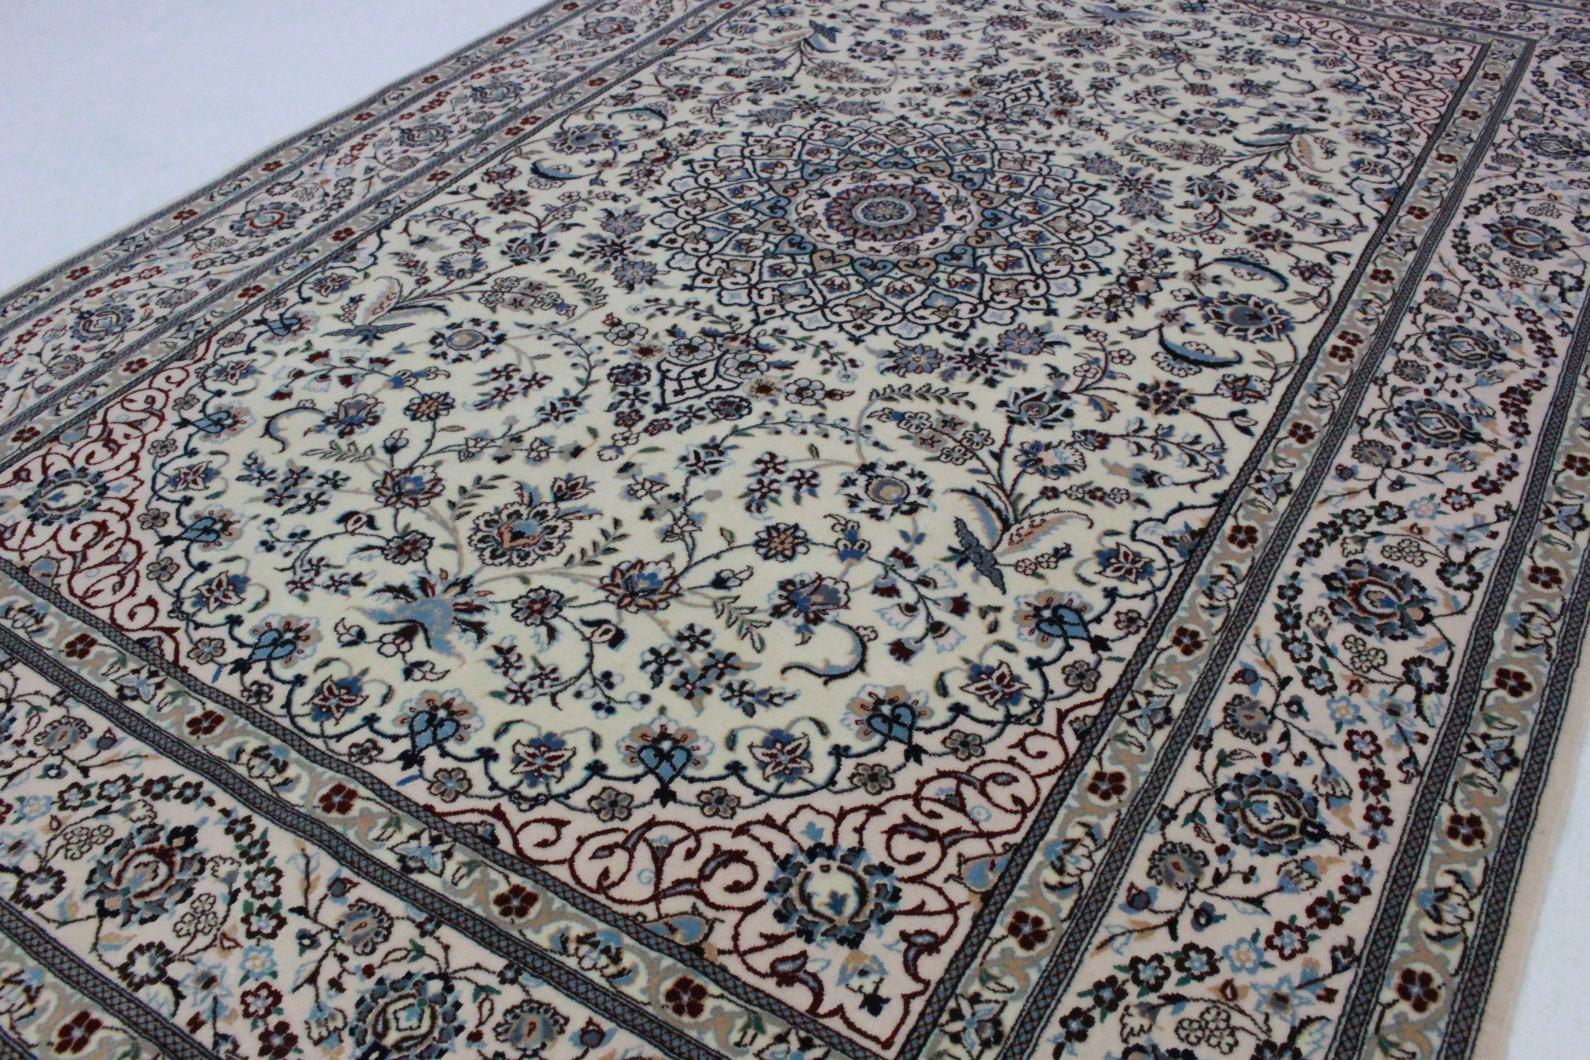 Nain teppich  Nain Teppich Beige Blau in 190x130 (5120-26650) bei carpetido.de ...